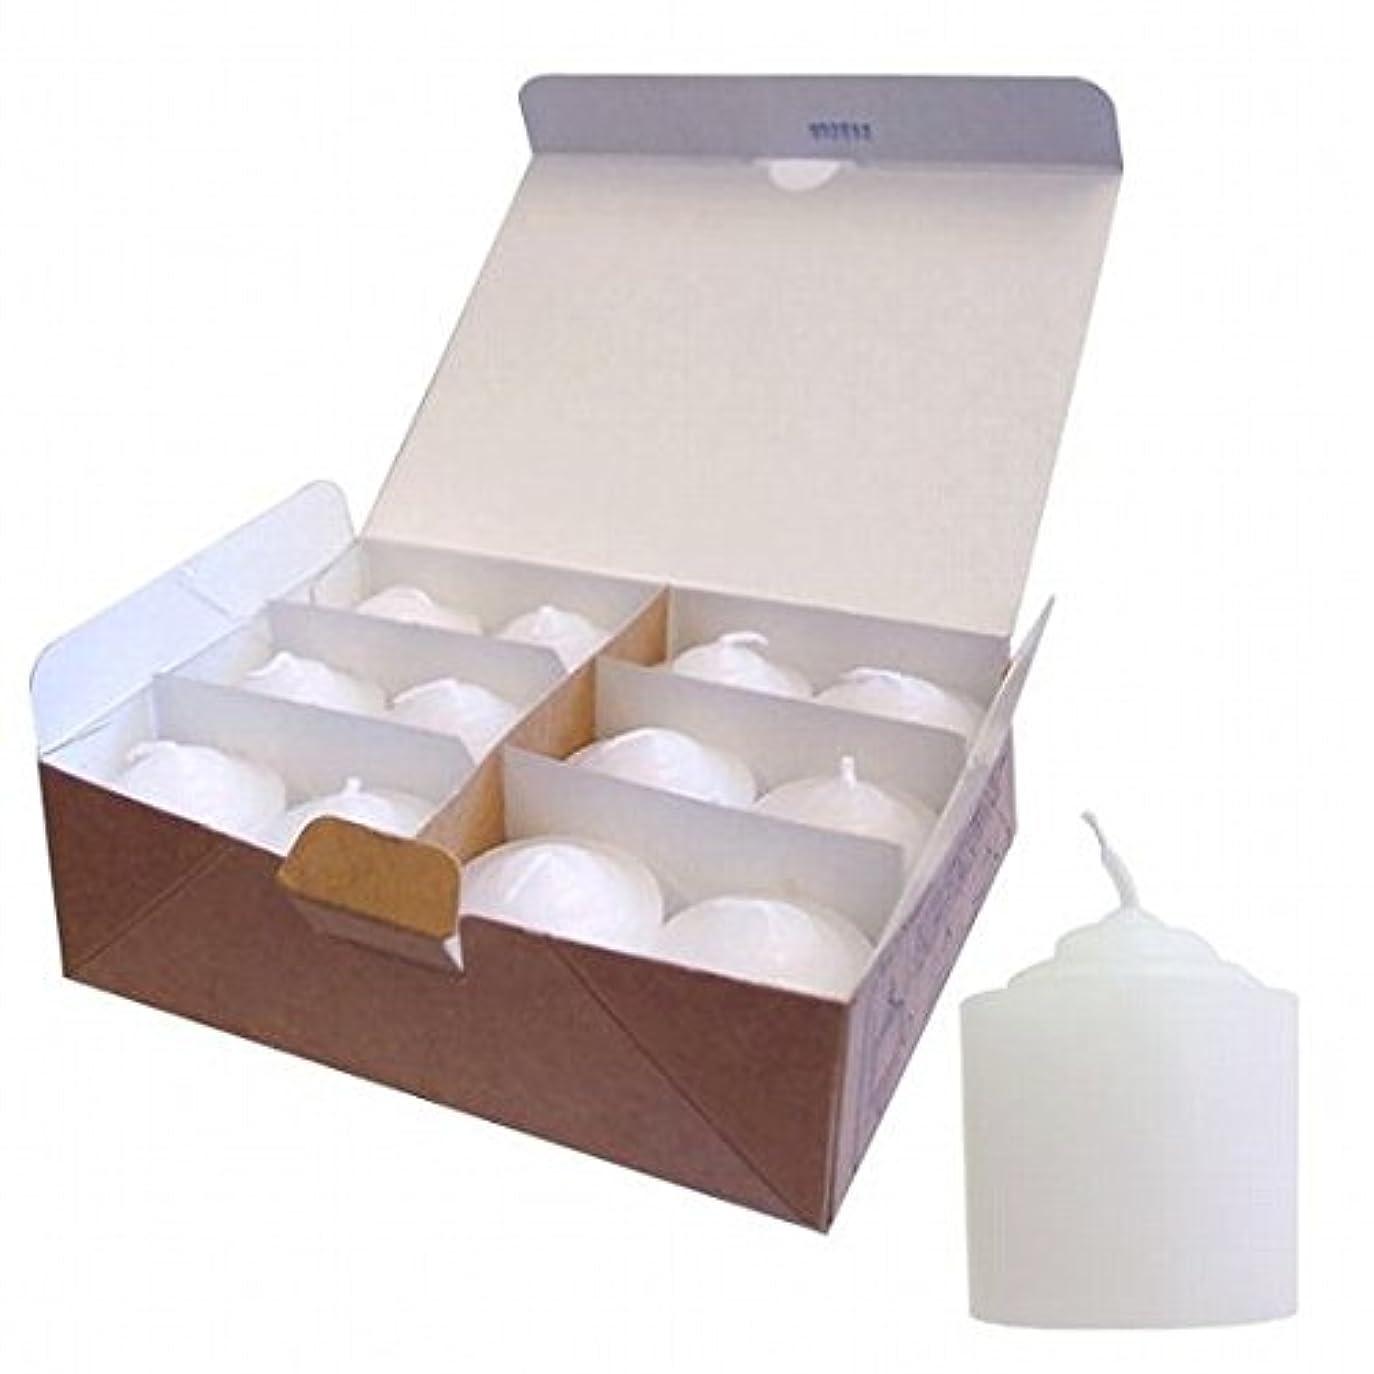 管理する漏れ抜本的なkameyama candle(カメヤマキャンドル) 8Hライト(8時間タイプ)12個入り(77960088)